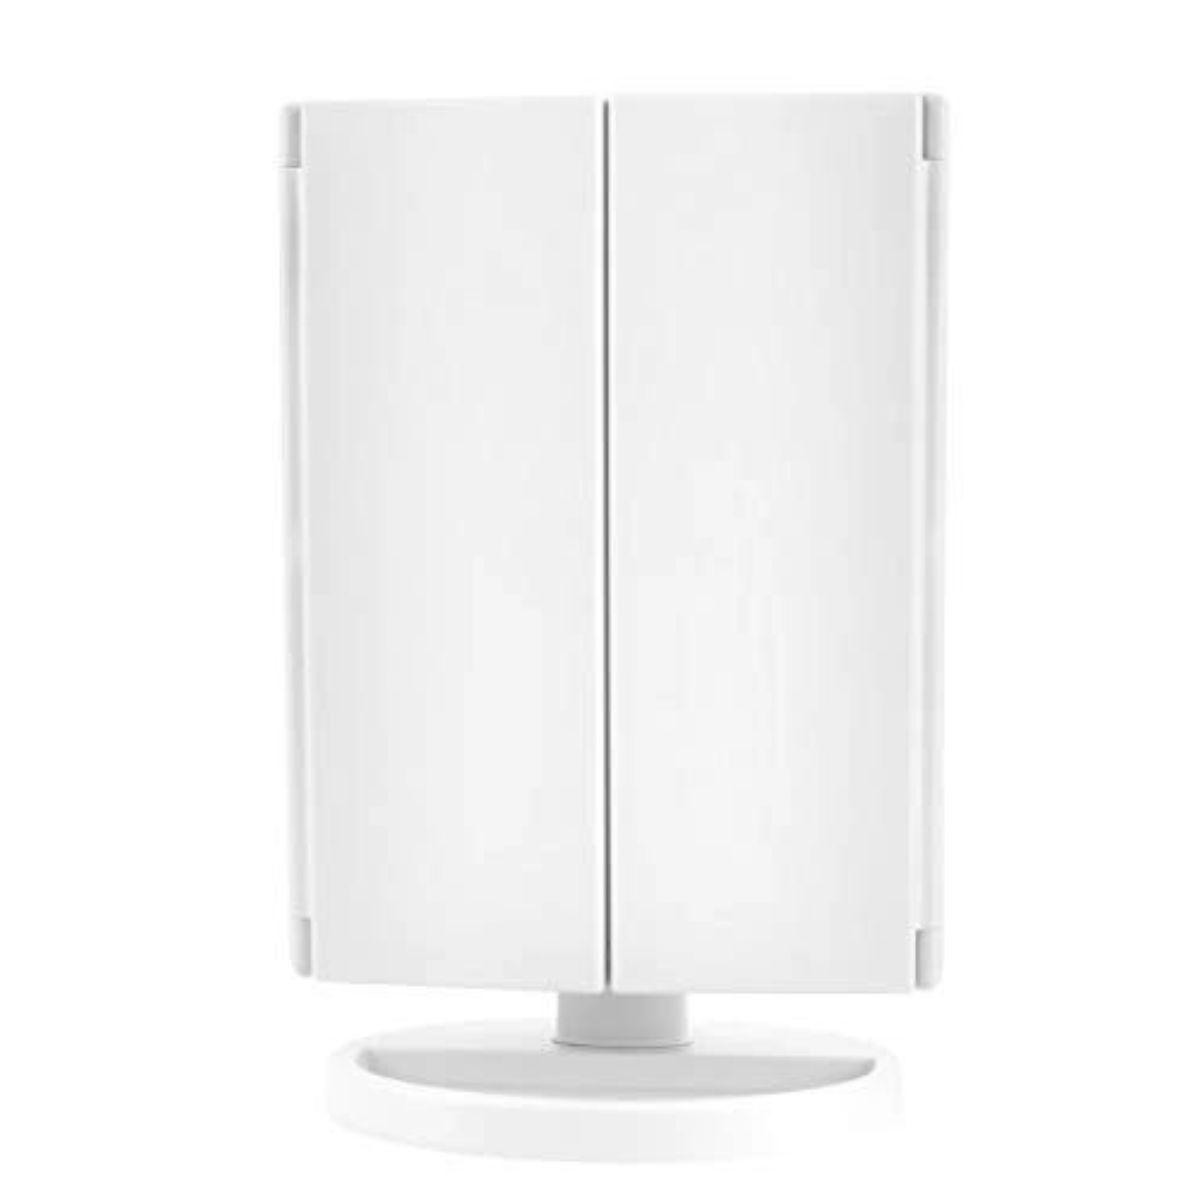 espejo de tocador inalambrico con luz led 1